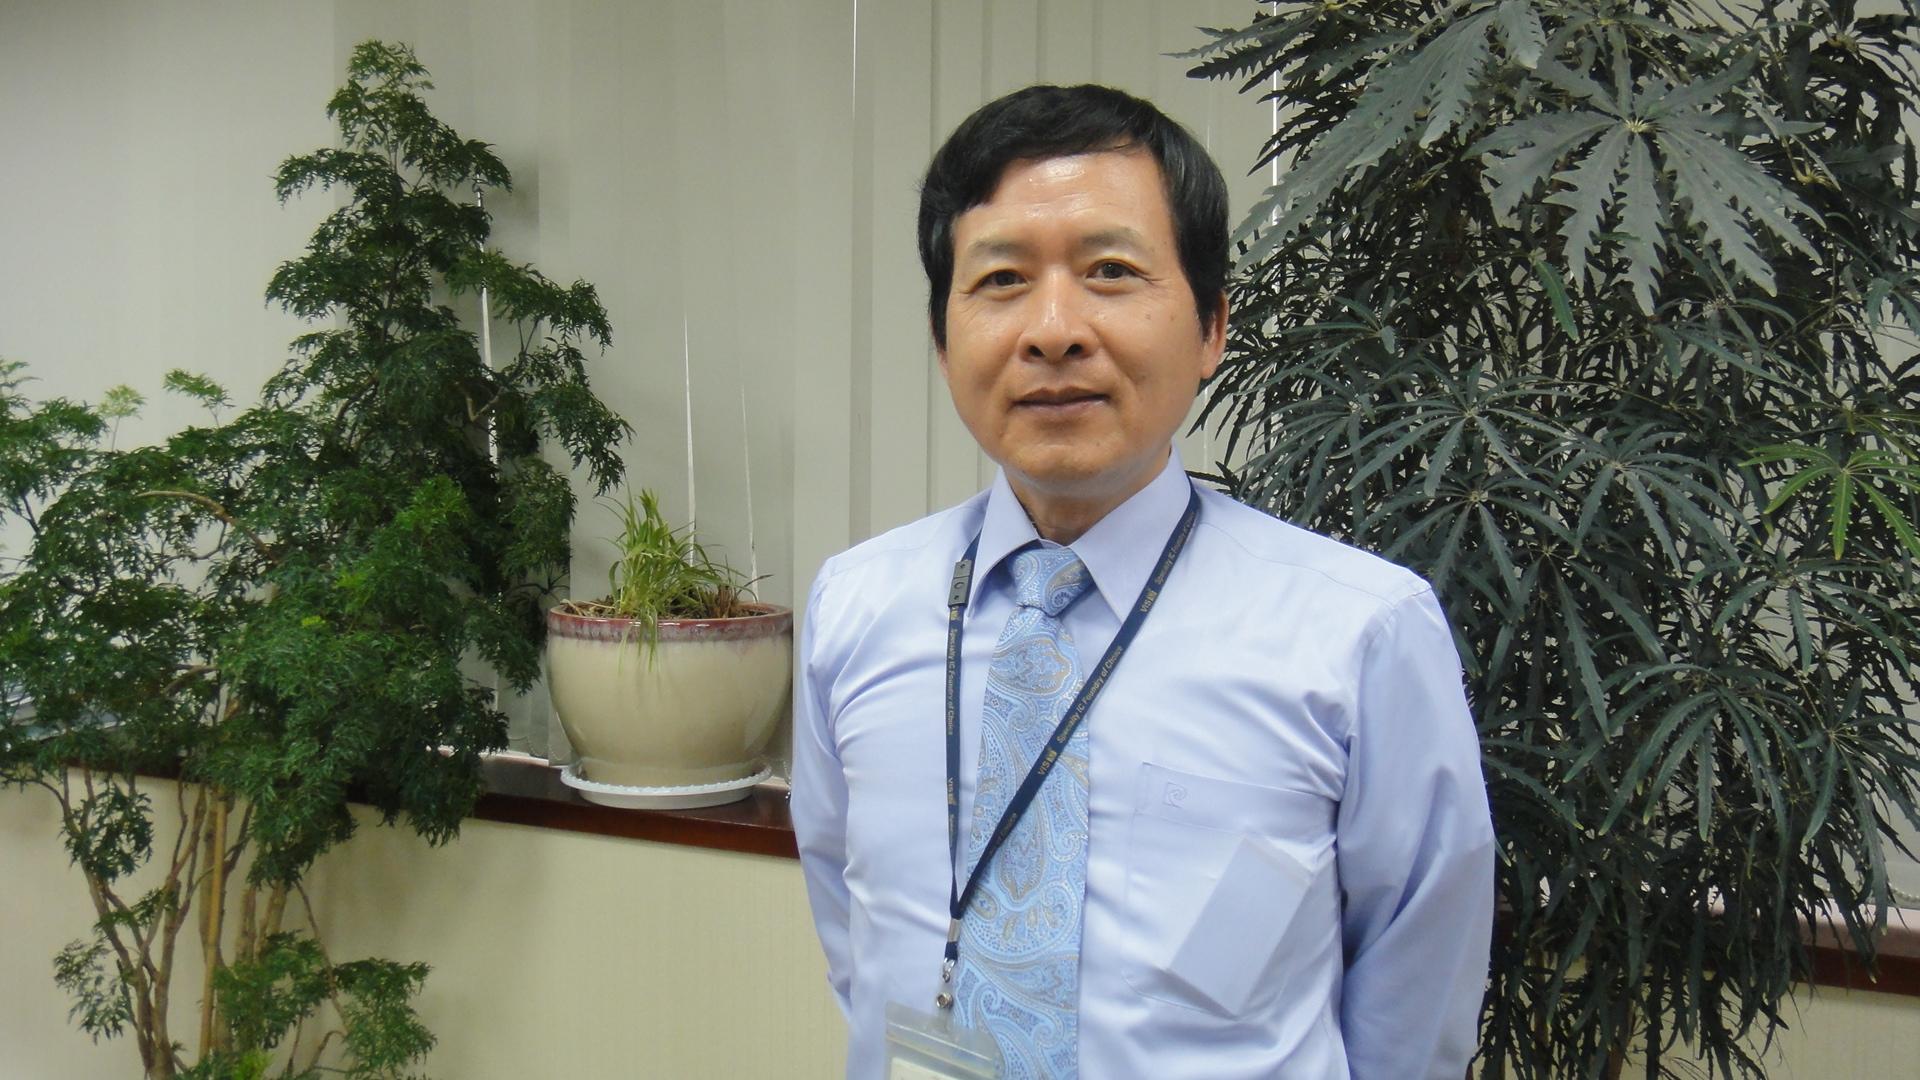 新竹區校友會張東隆理事長上任 建立校友跨領域互相學習成長平台